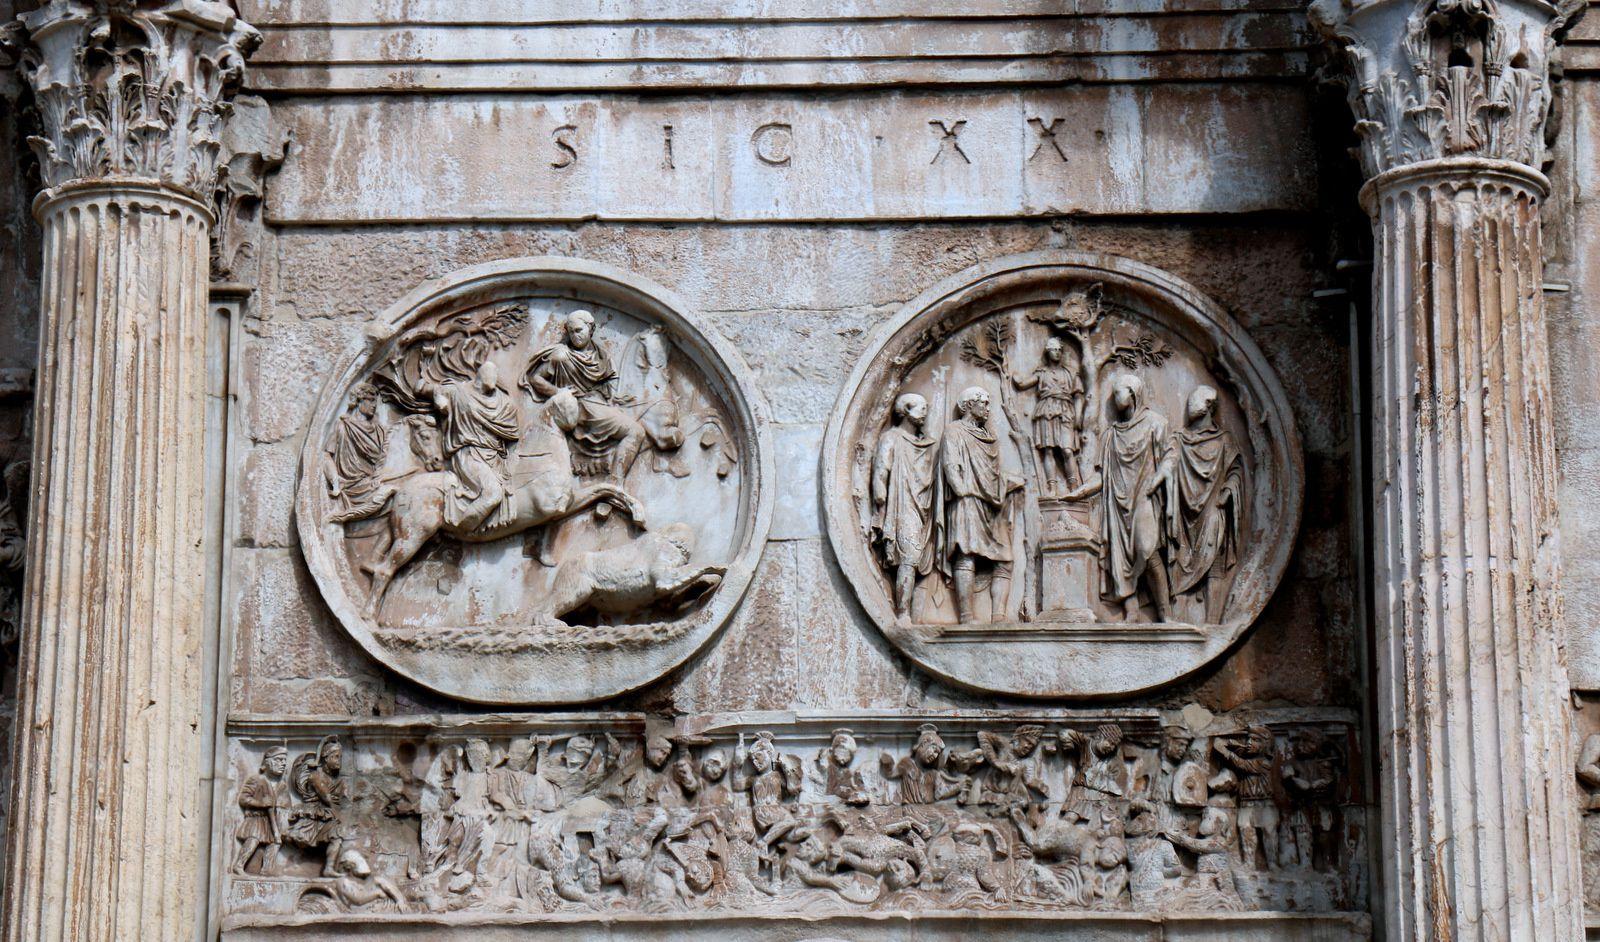 Départ à la chasse et Un sacrifice à Silvanus